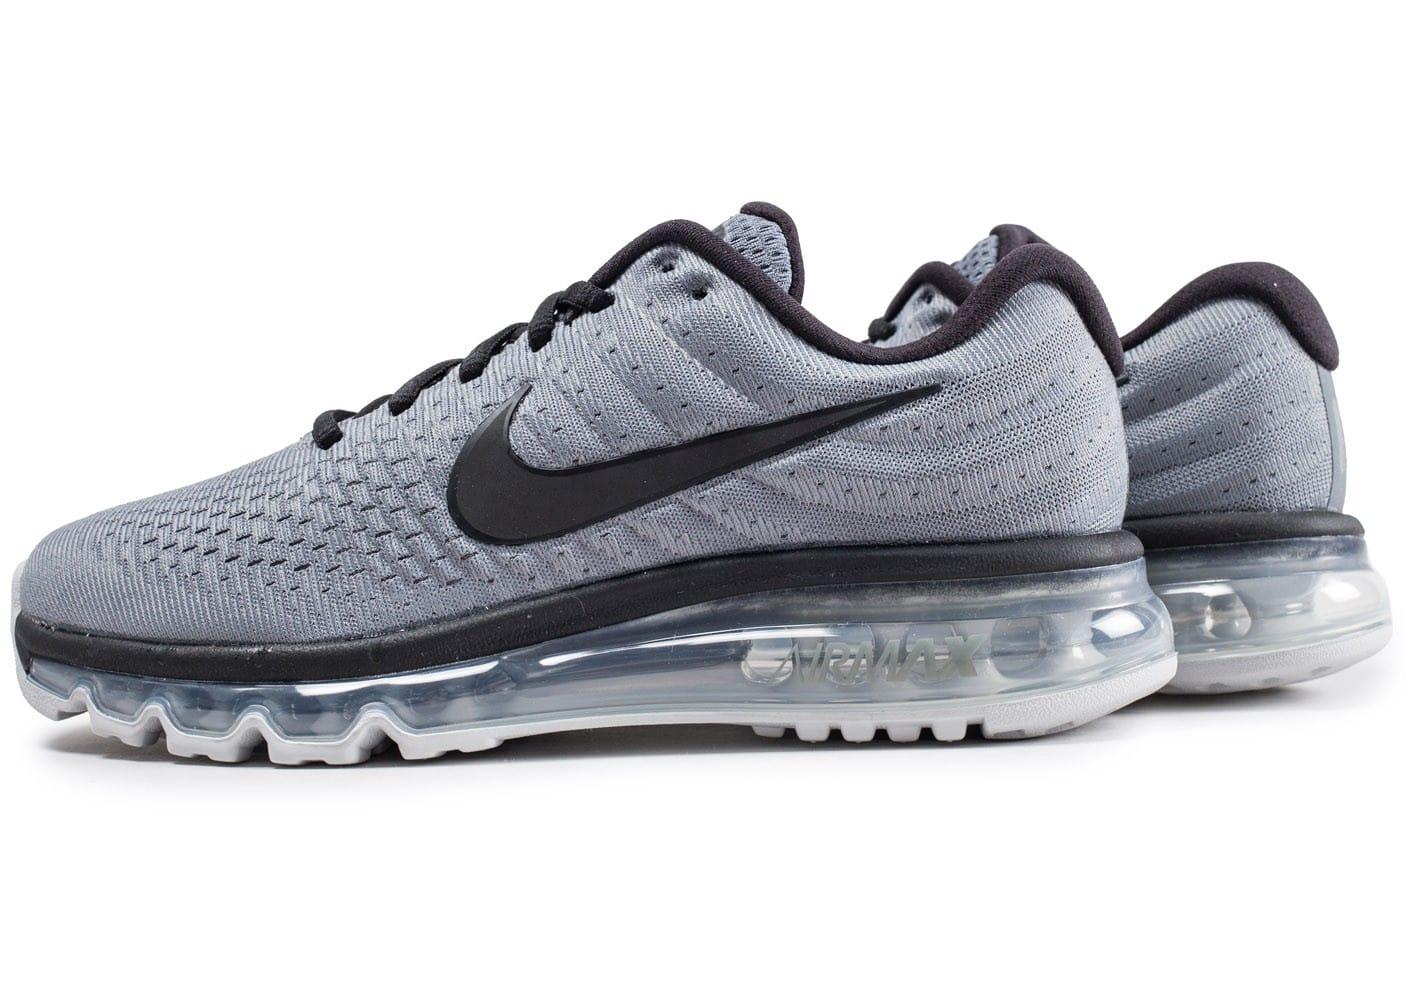 Homme Nike Air Max 2017 Gris/Bleu nike-air-max-2017-w-chaussures-running-femme- ... Chaussures Nike Air Max 2017 grise et noire vue dessous .